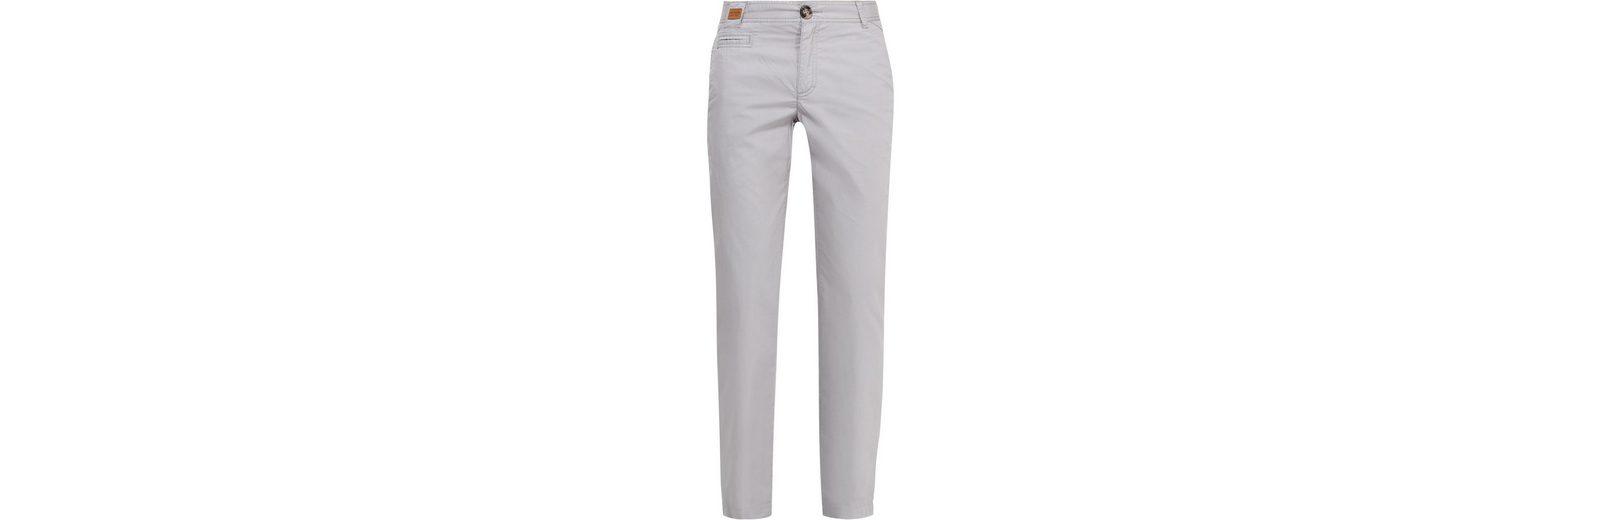 Großer Rabatt Zum Verkauf Finn Flare Chino-Hose im eleganten Design Einkaufen Outlet Online dQipwfvTzy